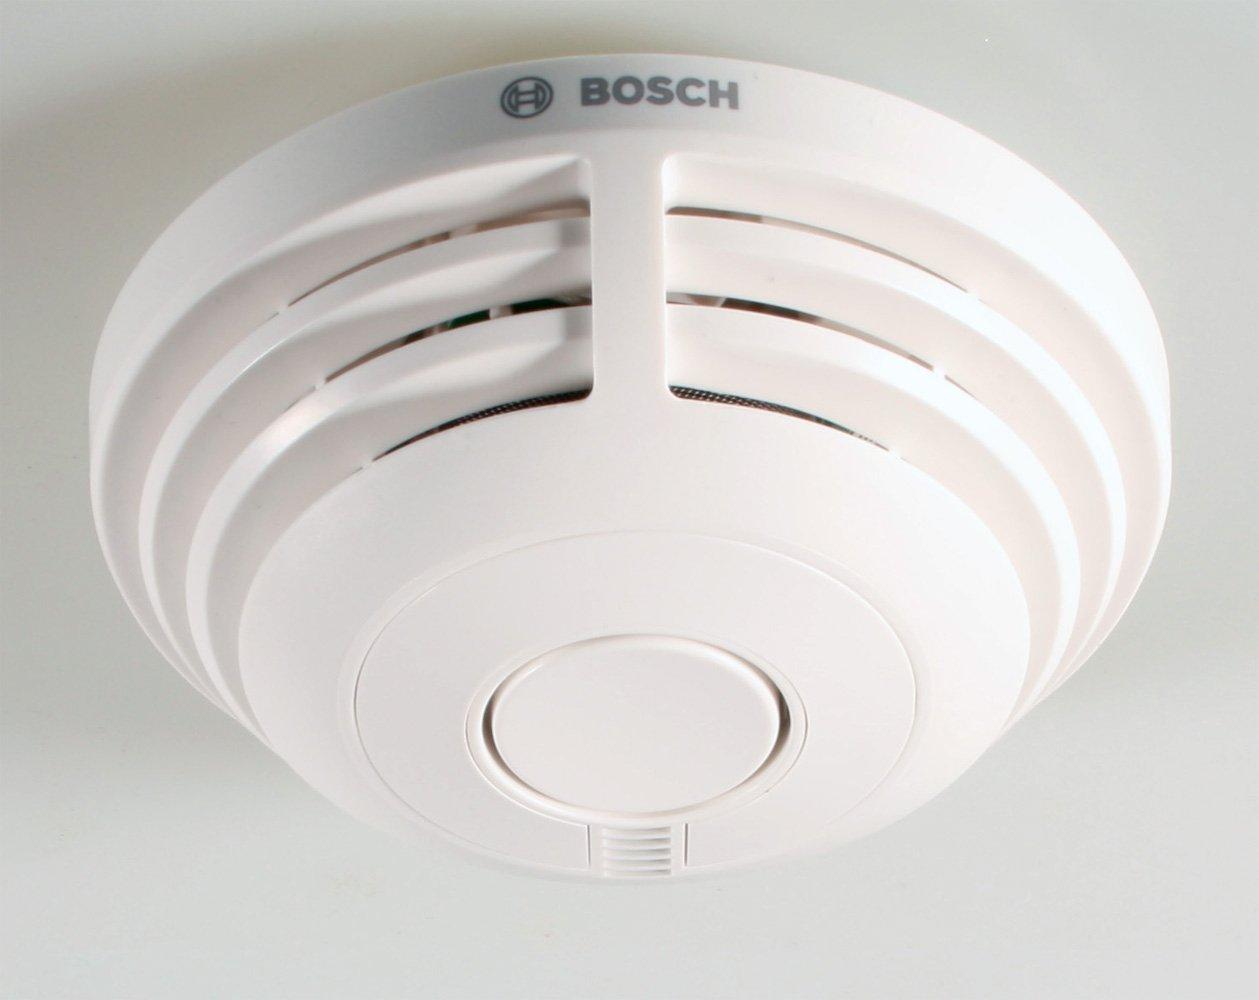 3 x Bosch Detector Ferion 1000 o con 10 años de iones de batería fuego Detector Detector de humo de incendio con: Amazon.es: Bricolaje y herramientas